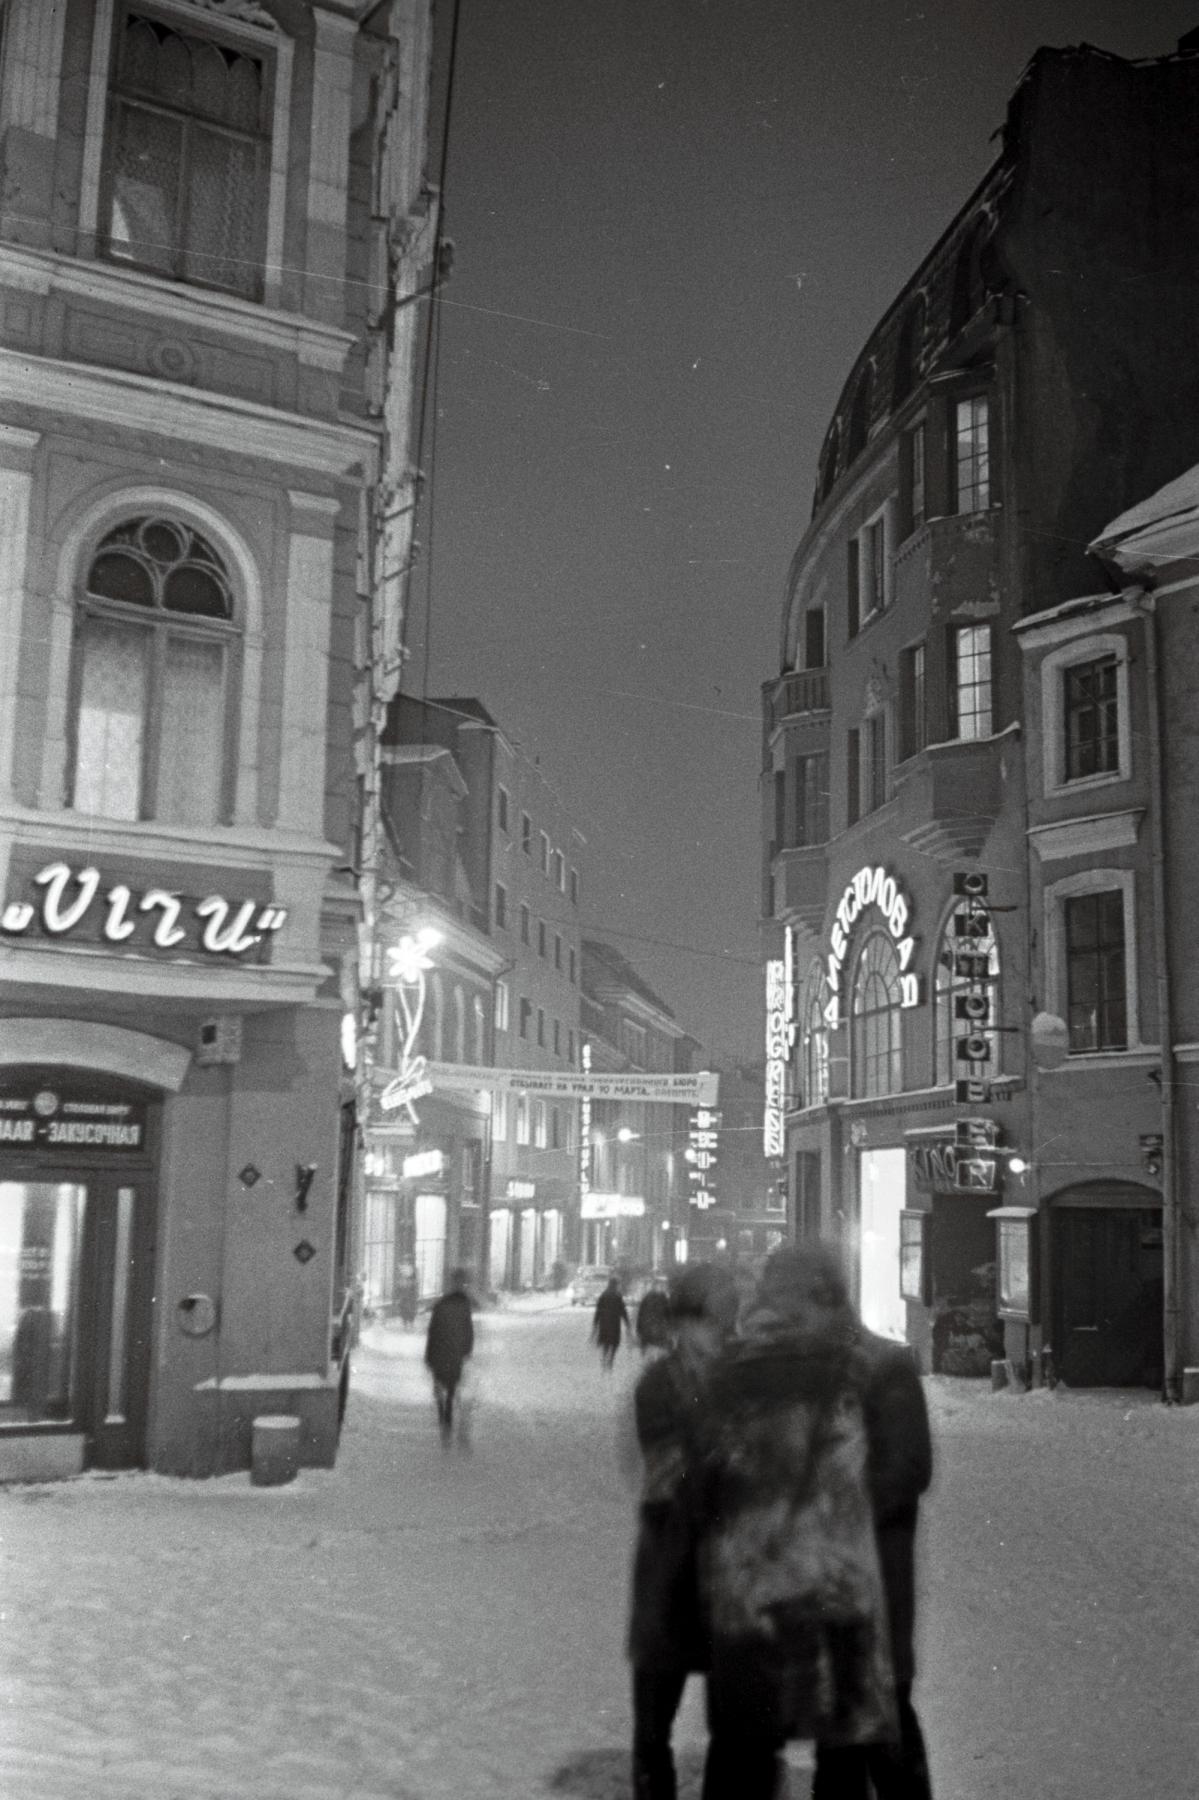 Aasta siis oli 1968 – jõulud ja uus aasta